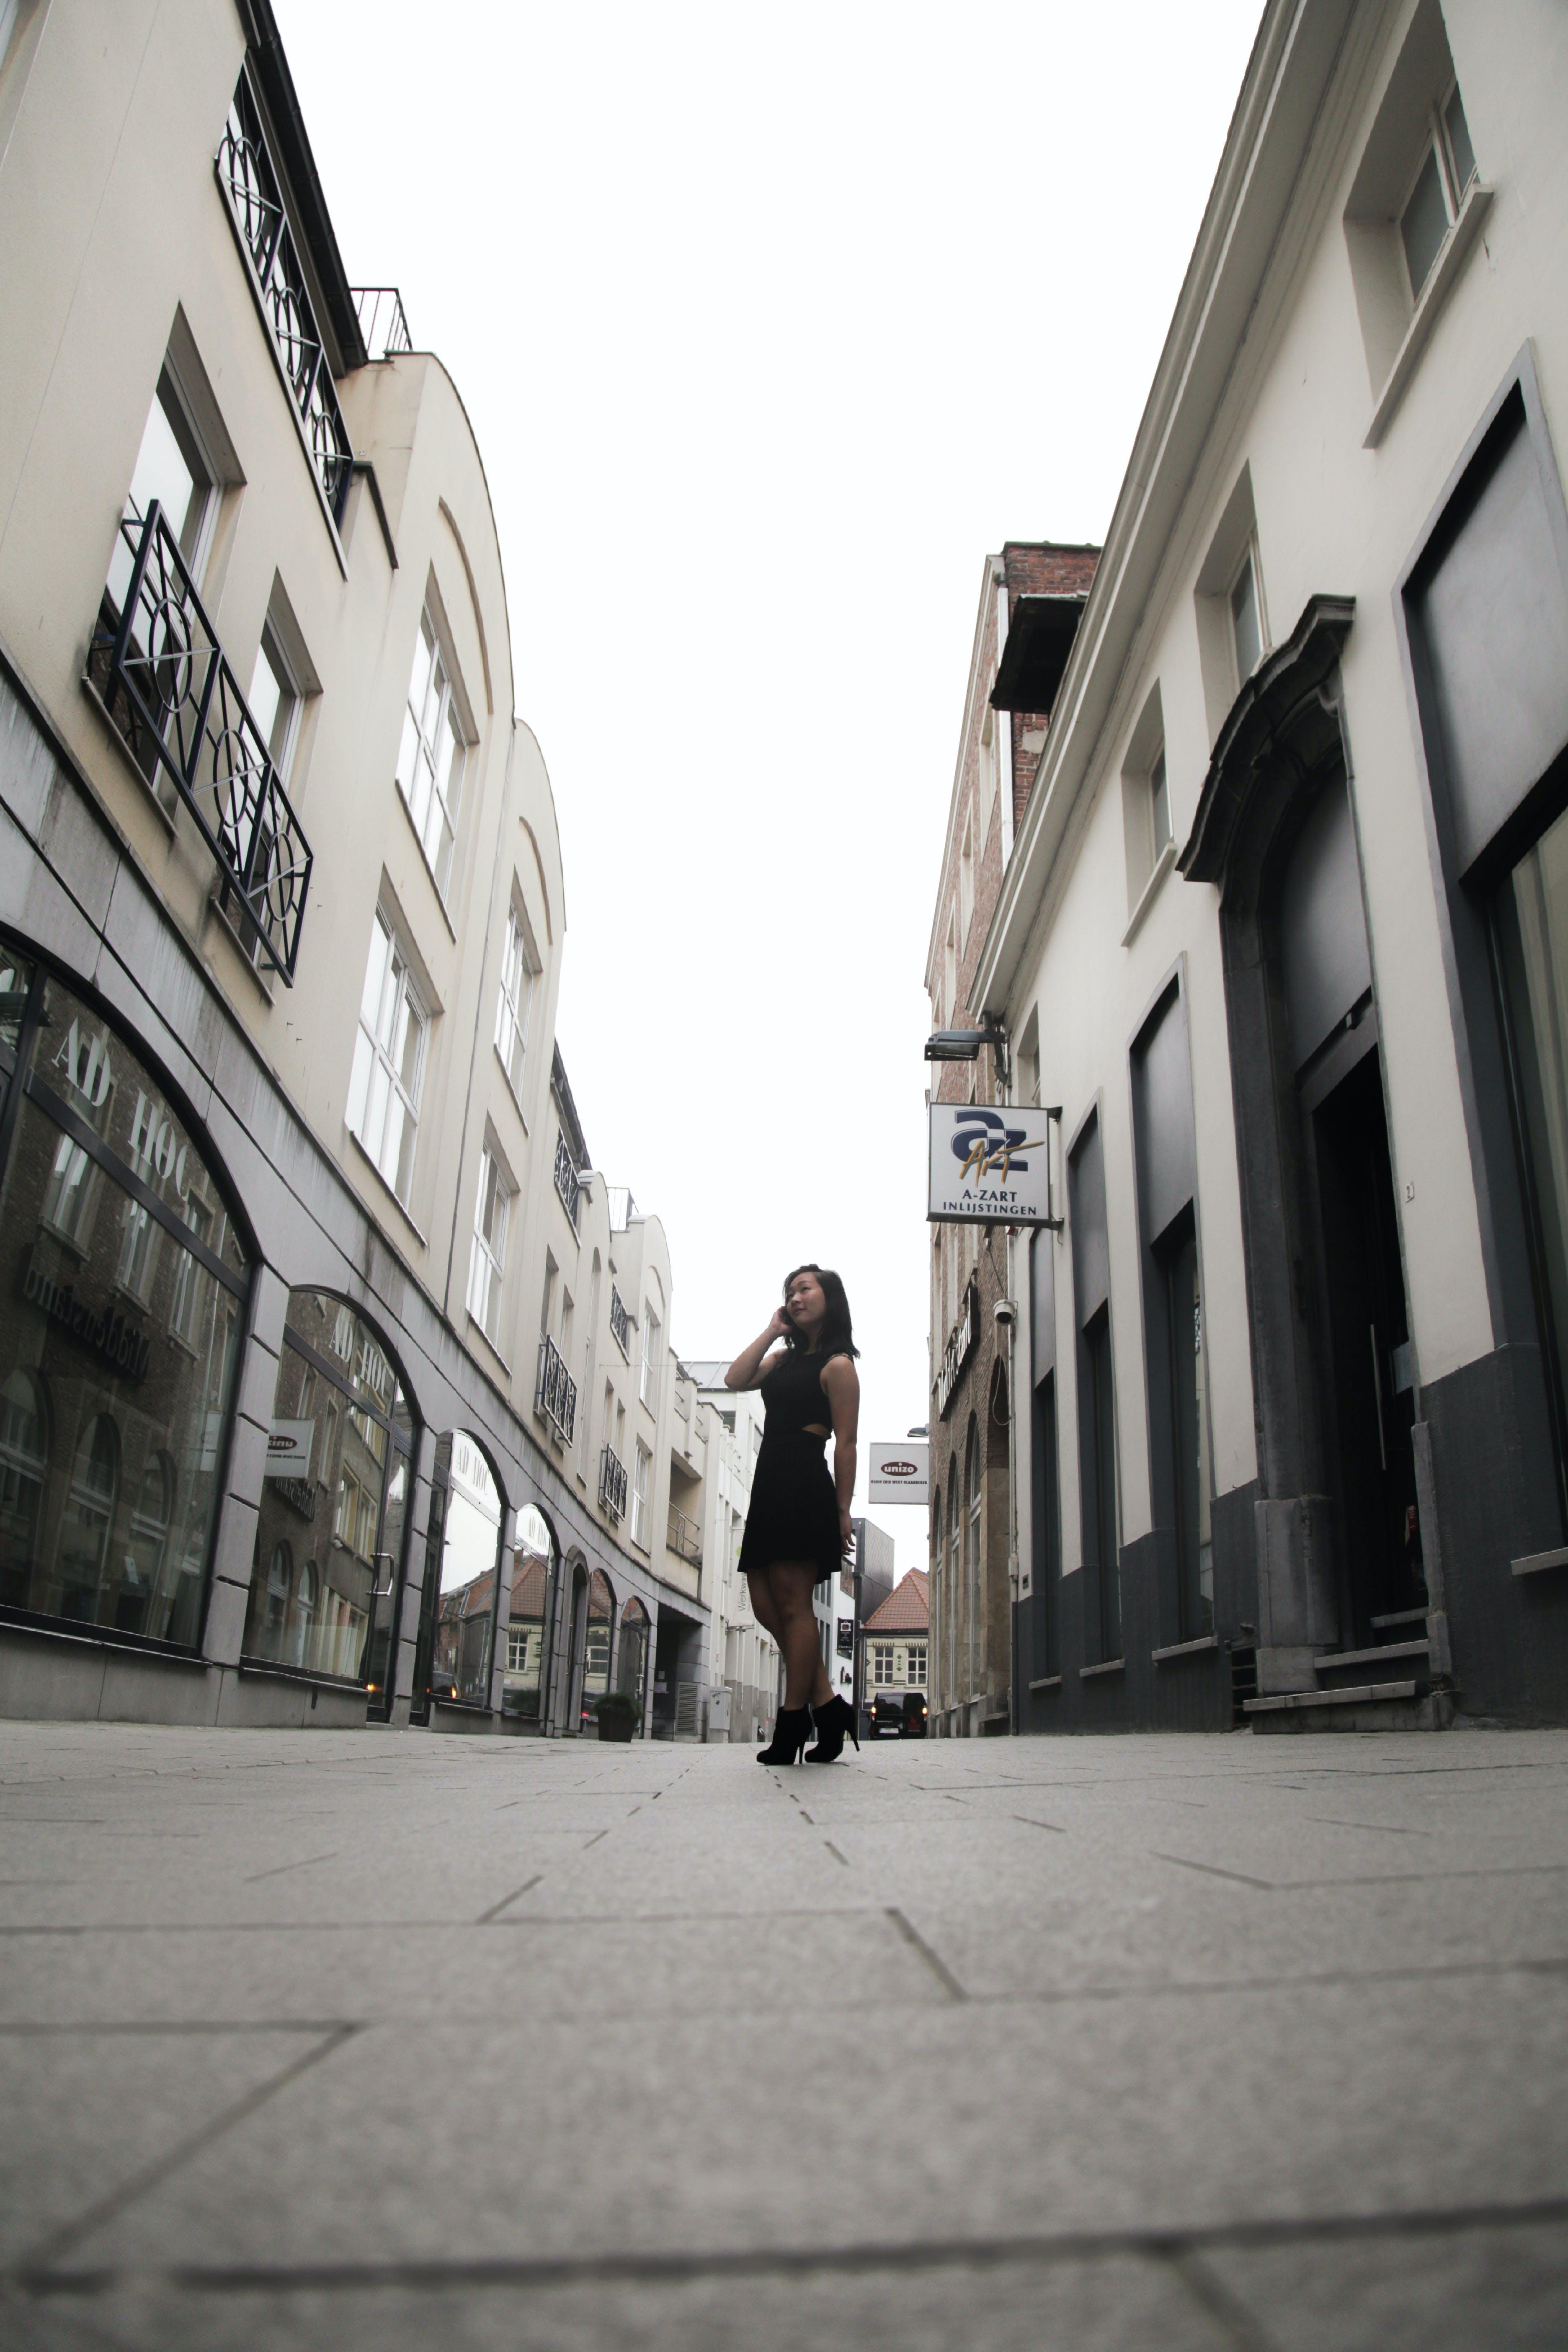 Woman Wearing Black Sleeveless Dress in Between Buildings